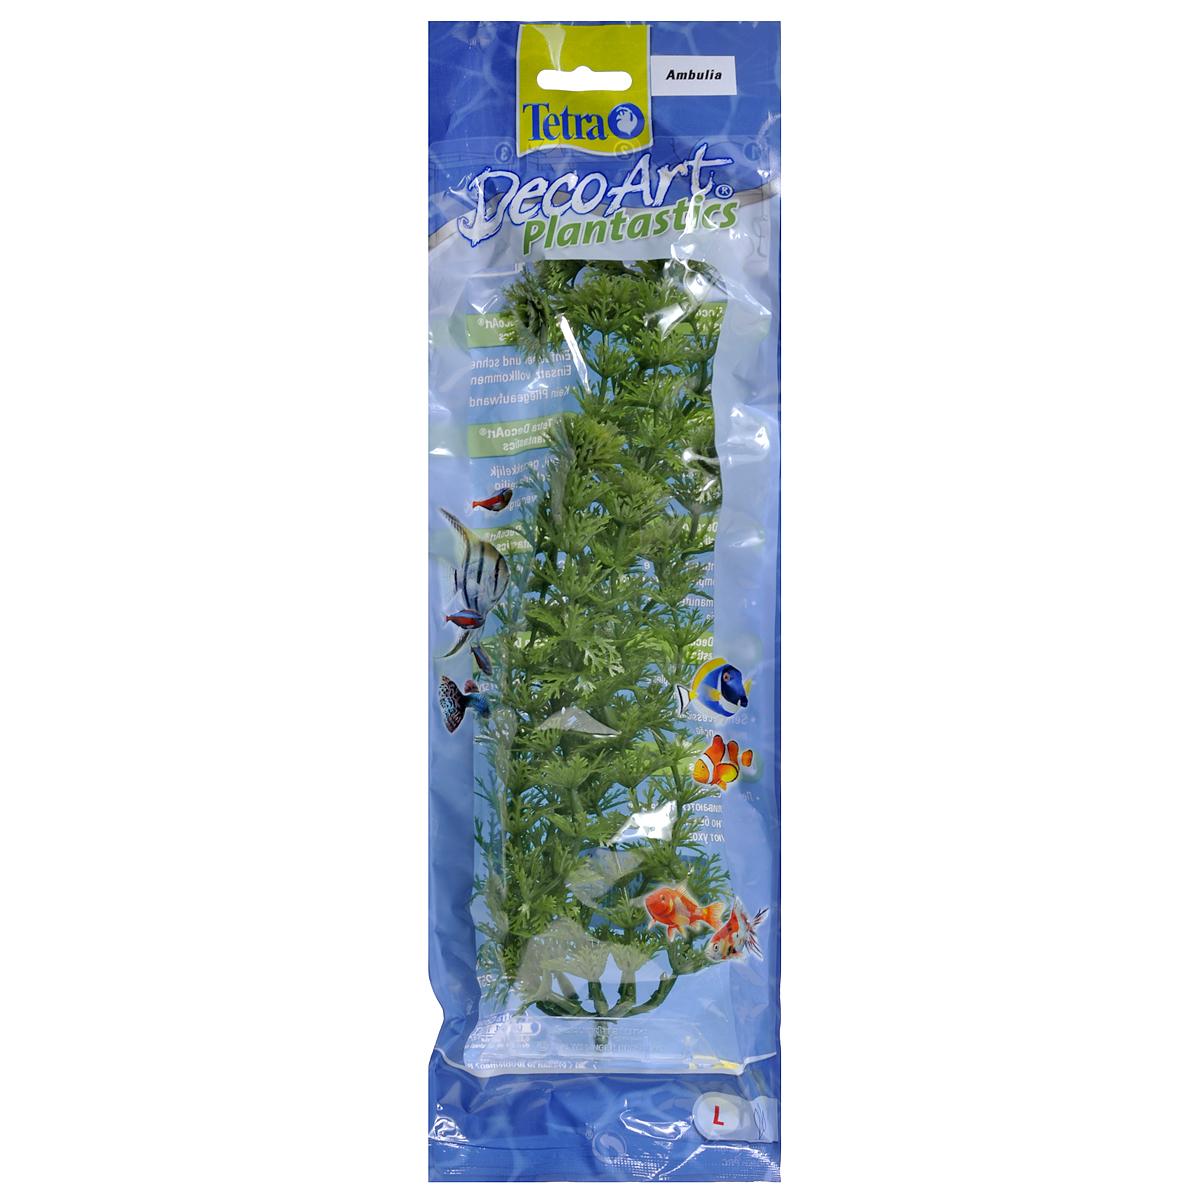 Искусственное растение для аквариума Tetra Амбулия L607019Это растение хорошо подойдет для оформления аквариума. Естественно выглядящее искусственное растение; Для использования в любых аквариумах; Создает отличное место для укрытия (в т.ч. для метания икры); Легко и быстро устанавливается, является абсолютно безопасным; Не требует ухода; Долгое время не теряет форму и окраску. Высота растения: 30 см.